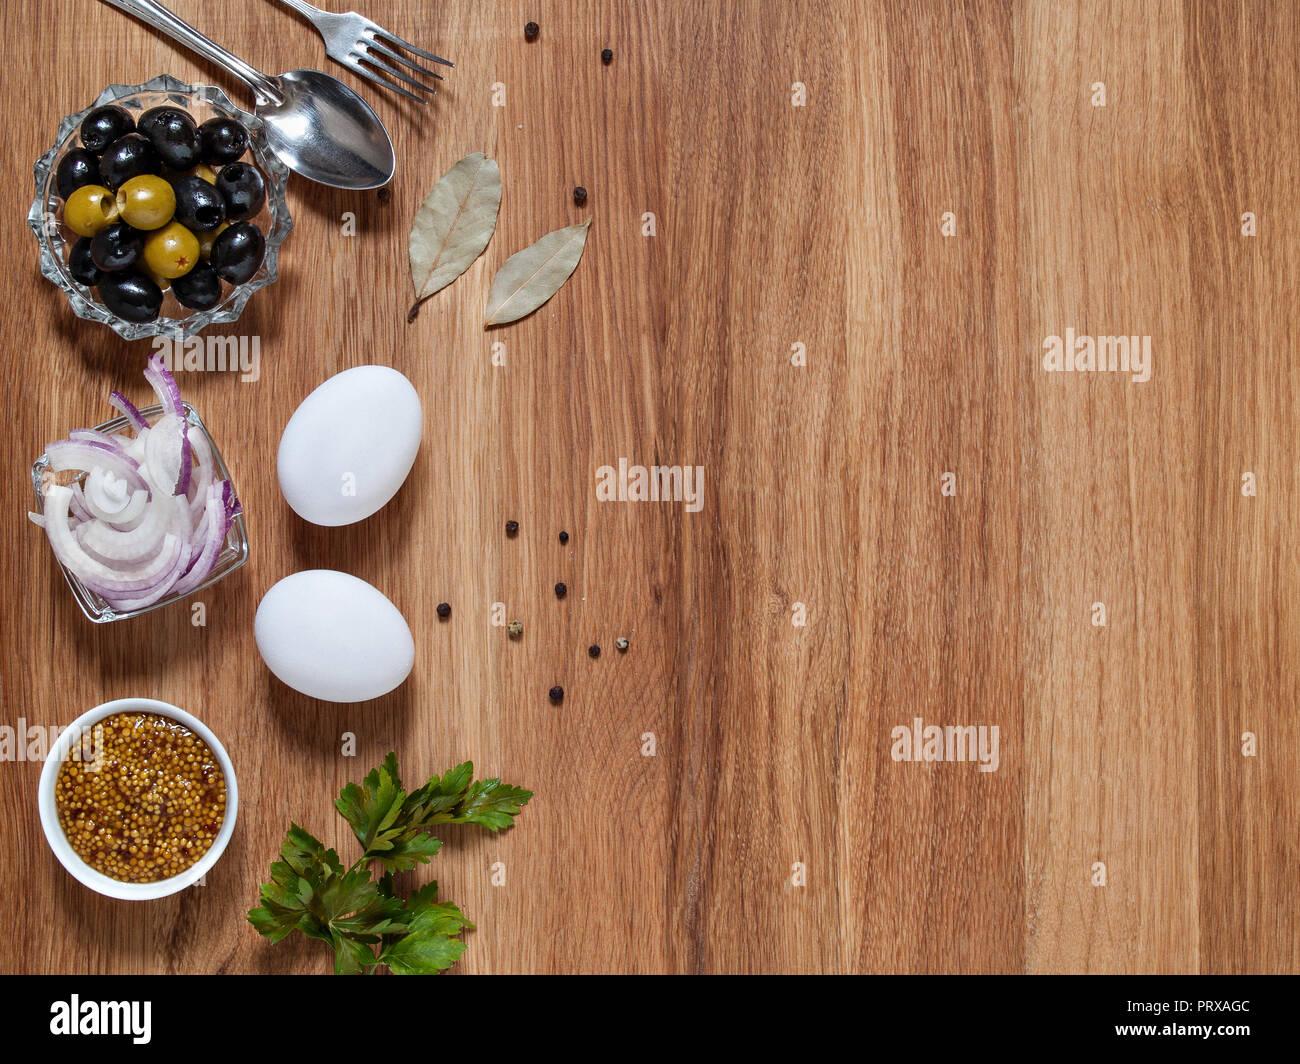 Oliven, Senf, huhn eier, rote Zwiebel, Lorbeerblatt liegen auf einem hölzernen Hintergrund horizontal mit copy-Raum Stockbild